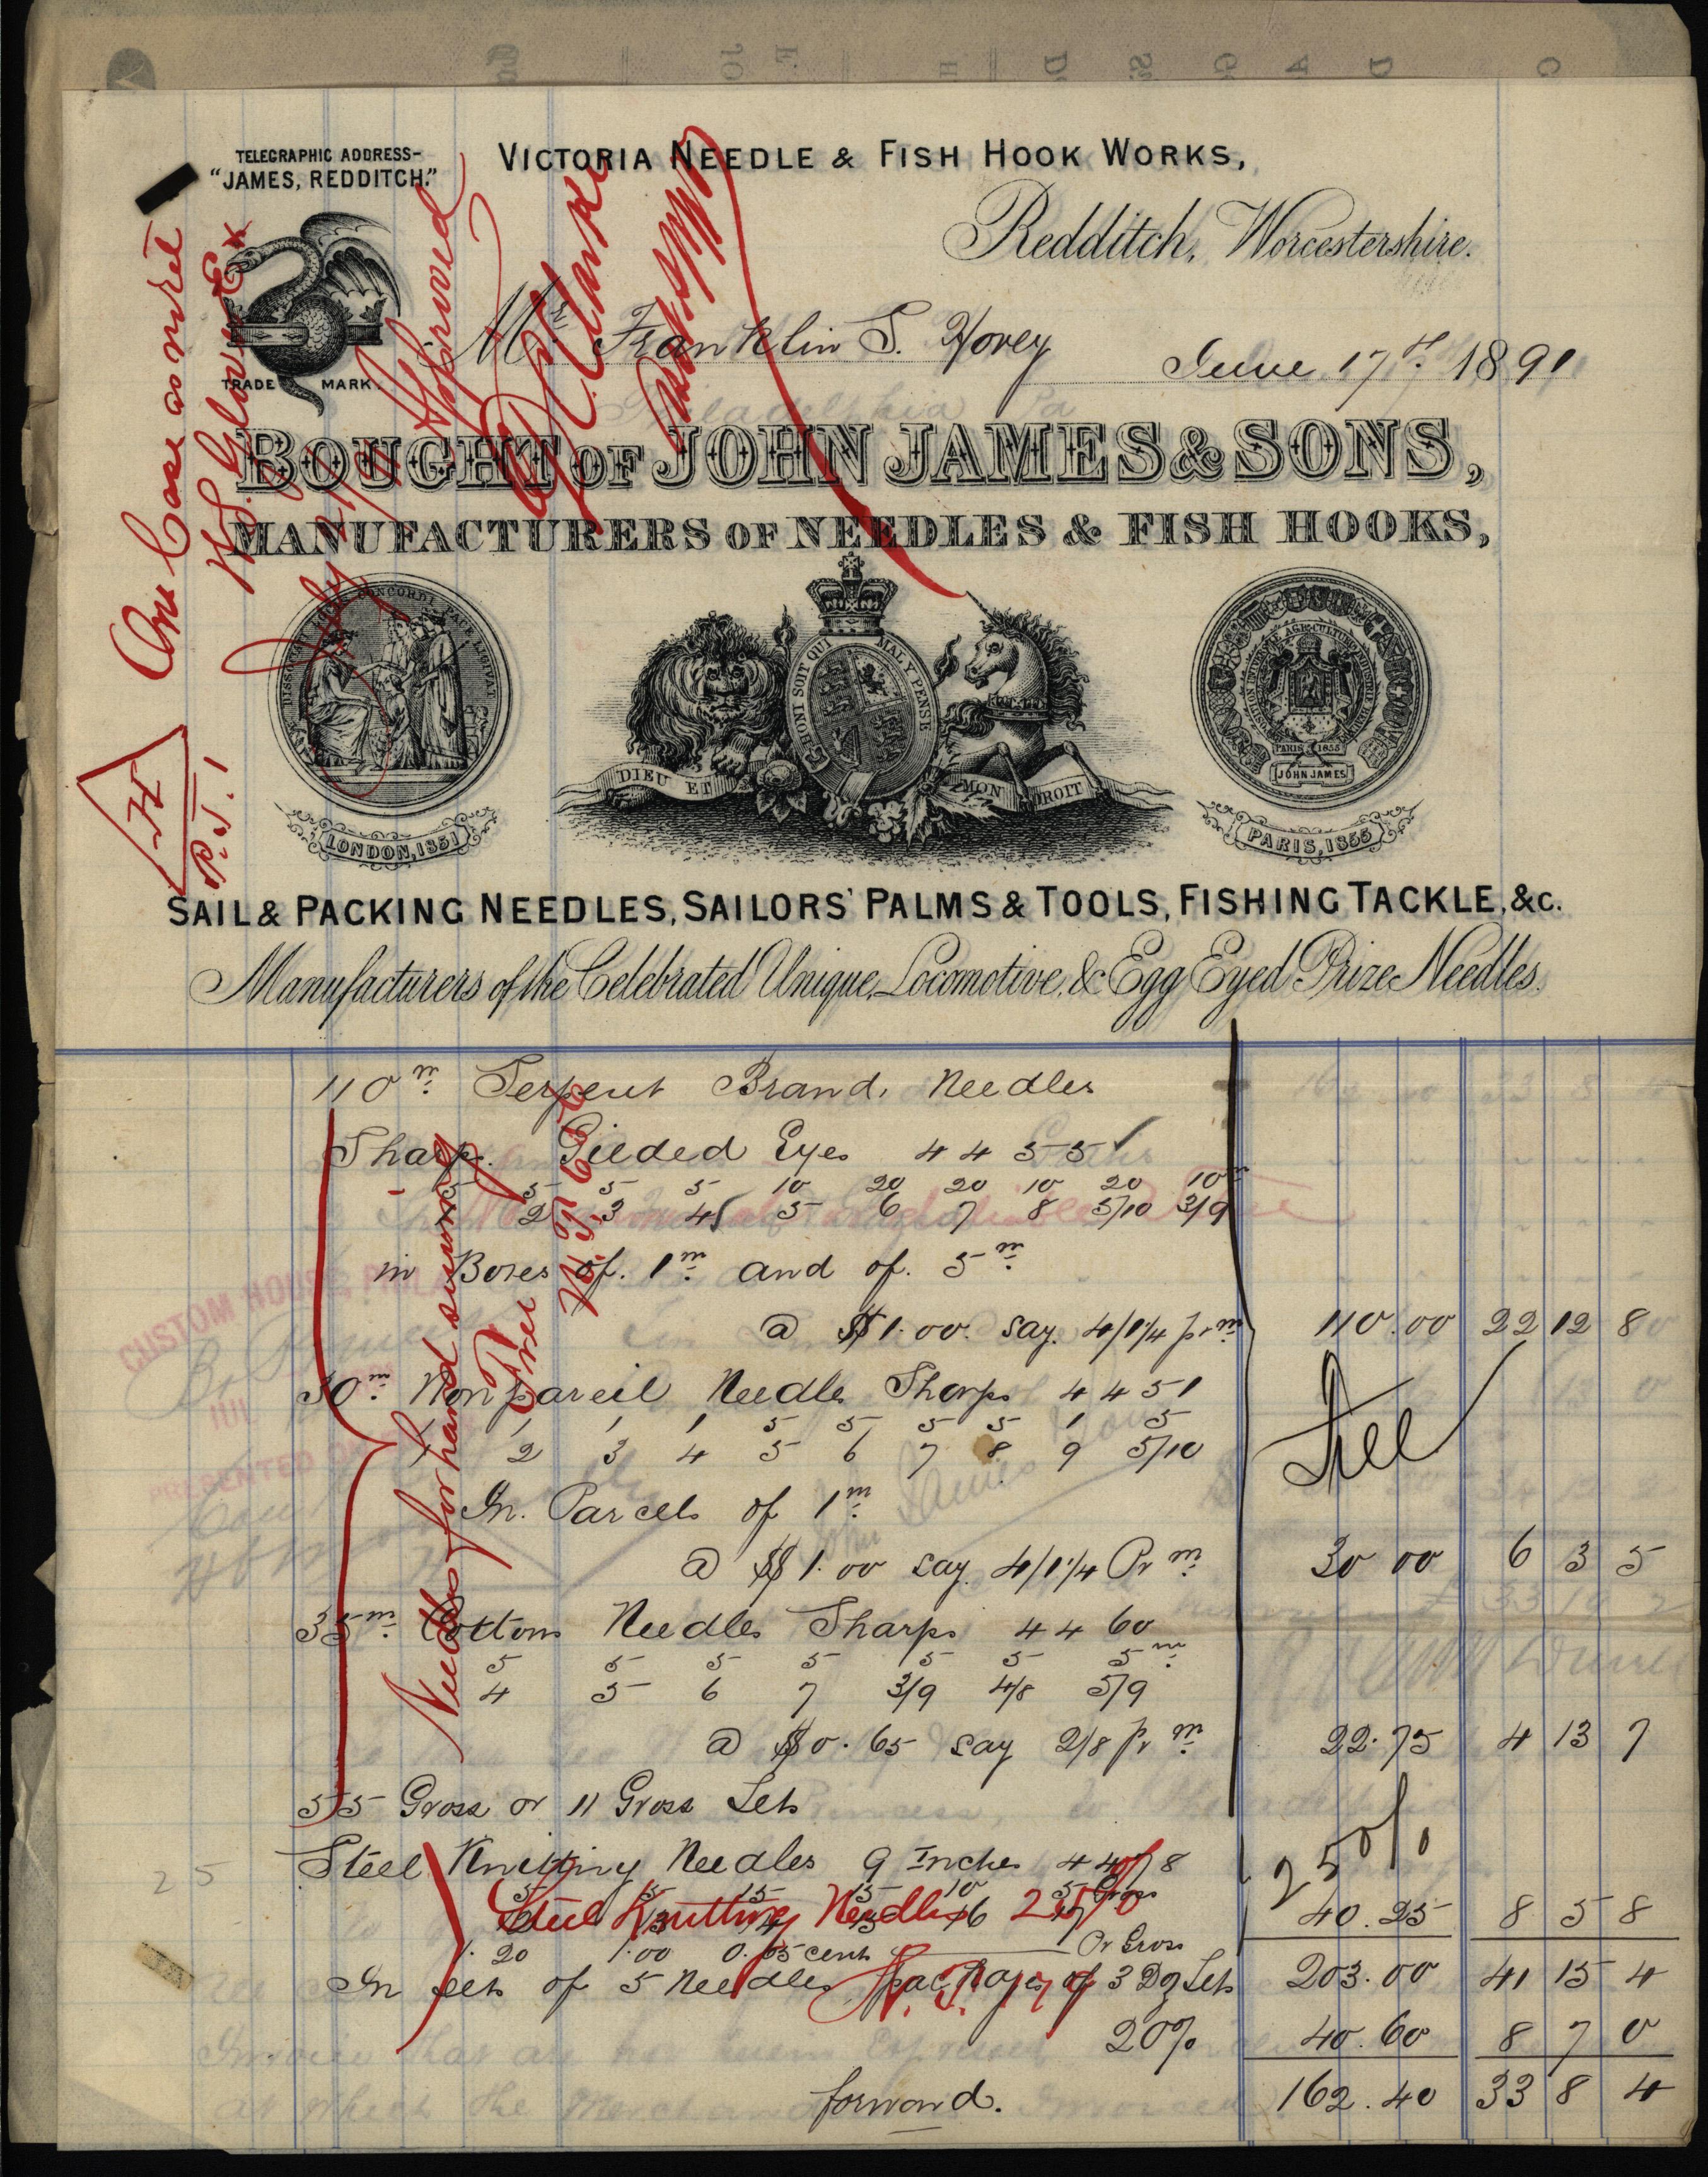 Invoice for needles, John James & Sons, 1891